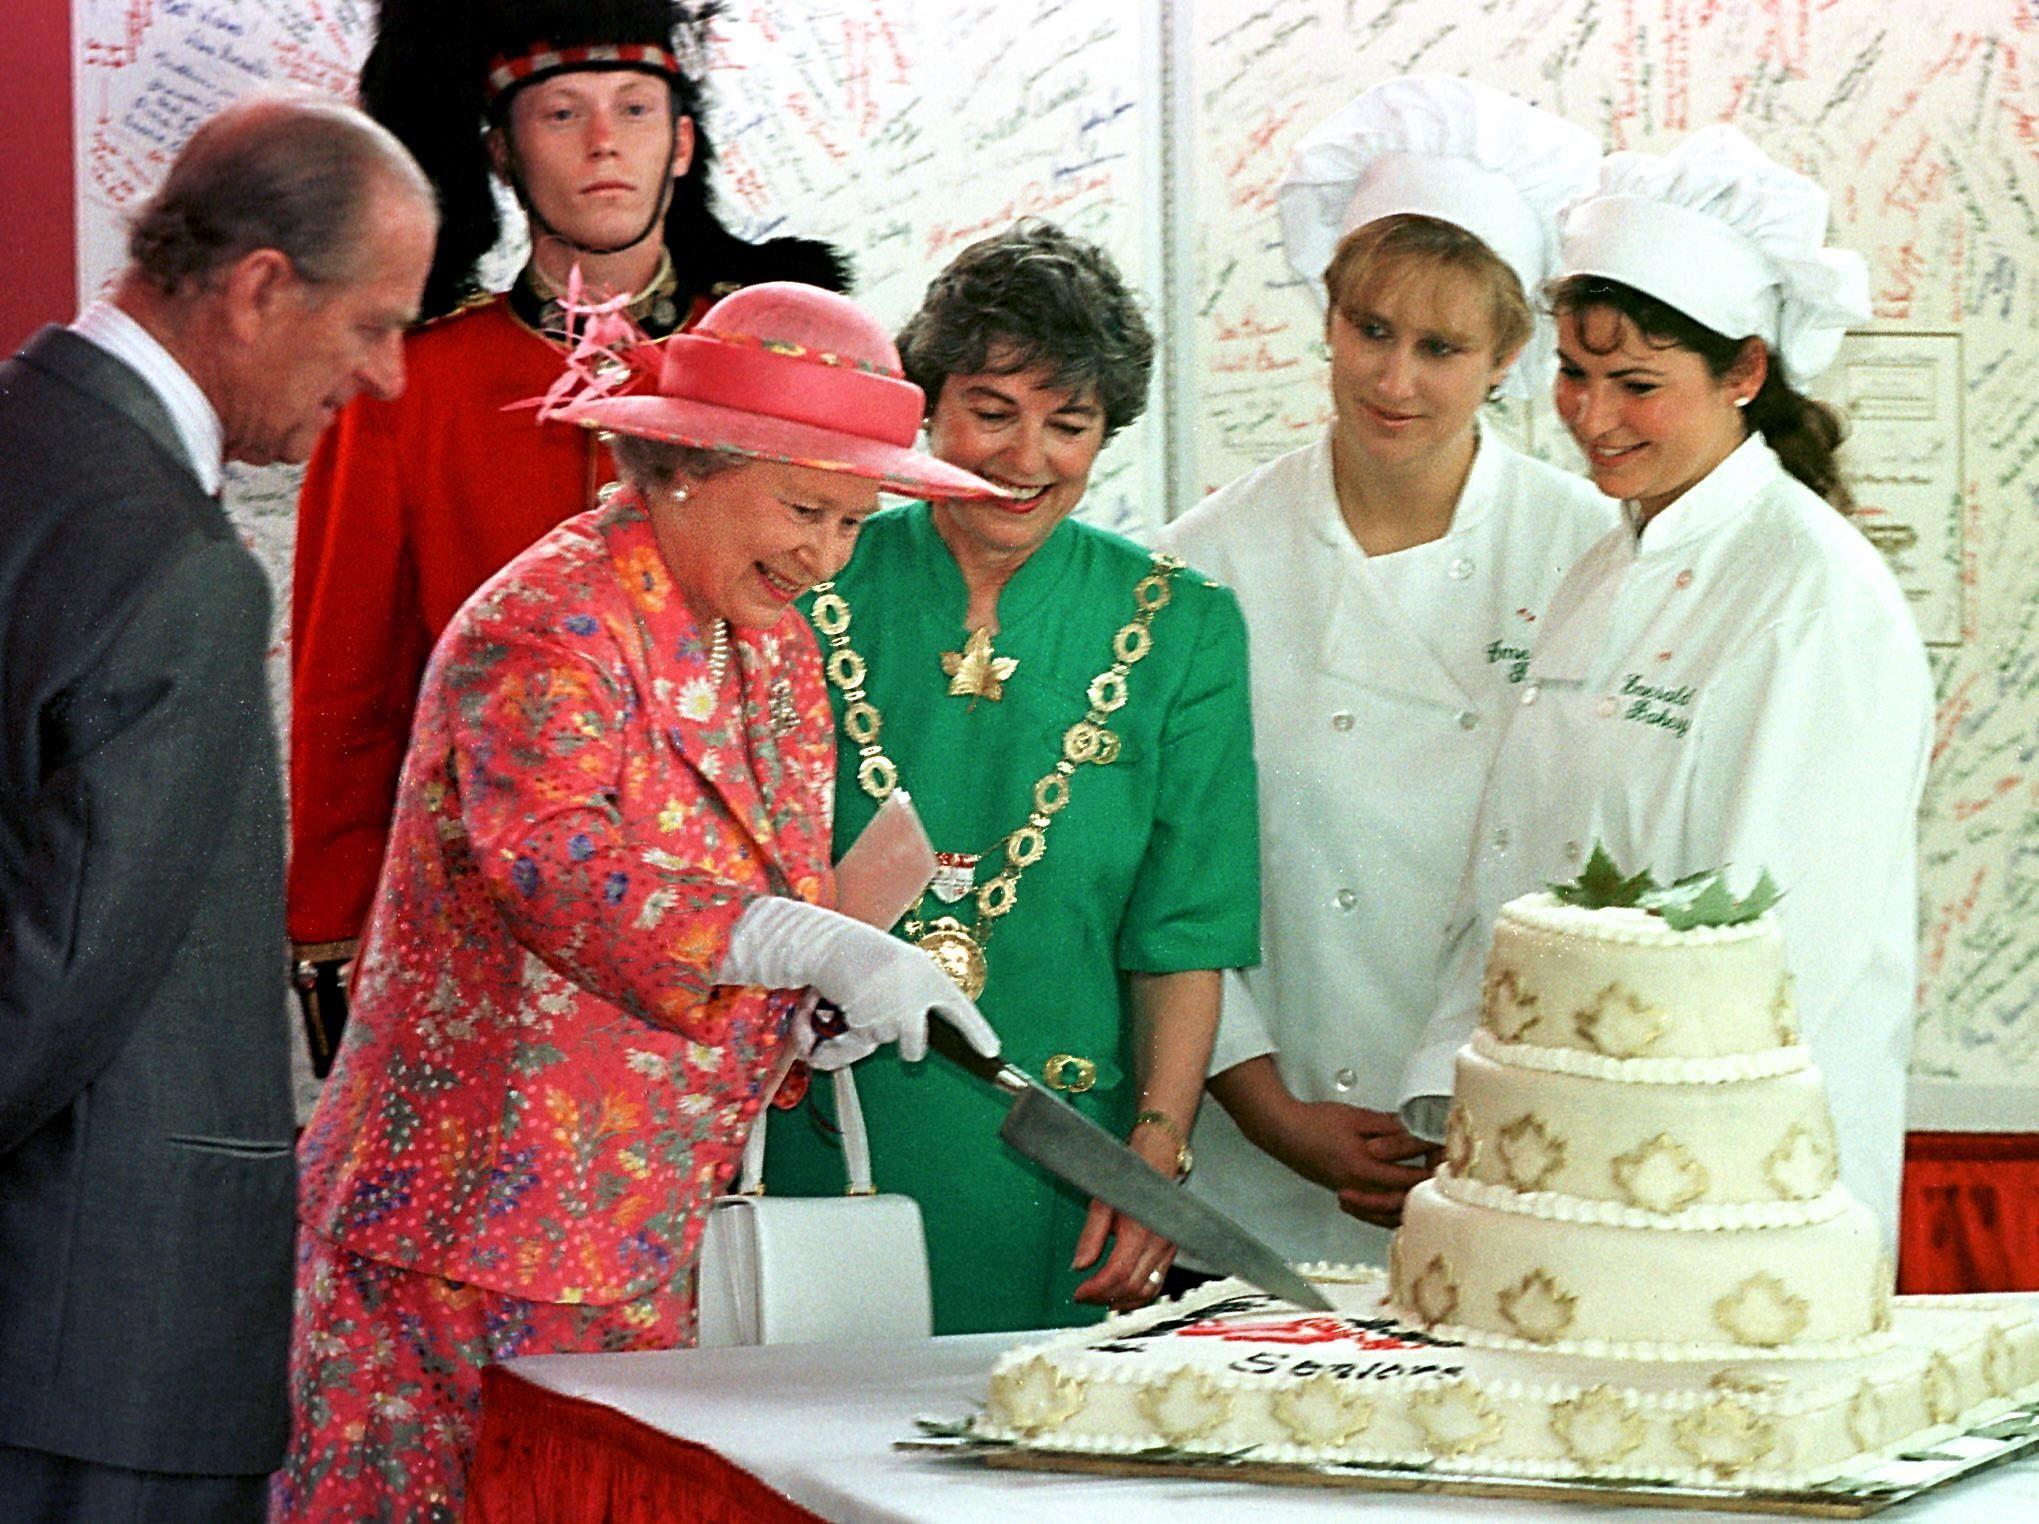 الملكة إليزابيث والأمير فيليب يحتفلان في كندا بعيد زواجهما الـ50 في 1997